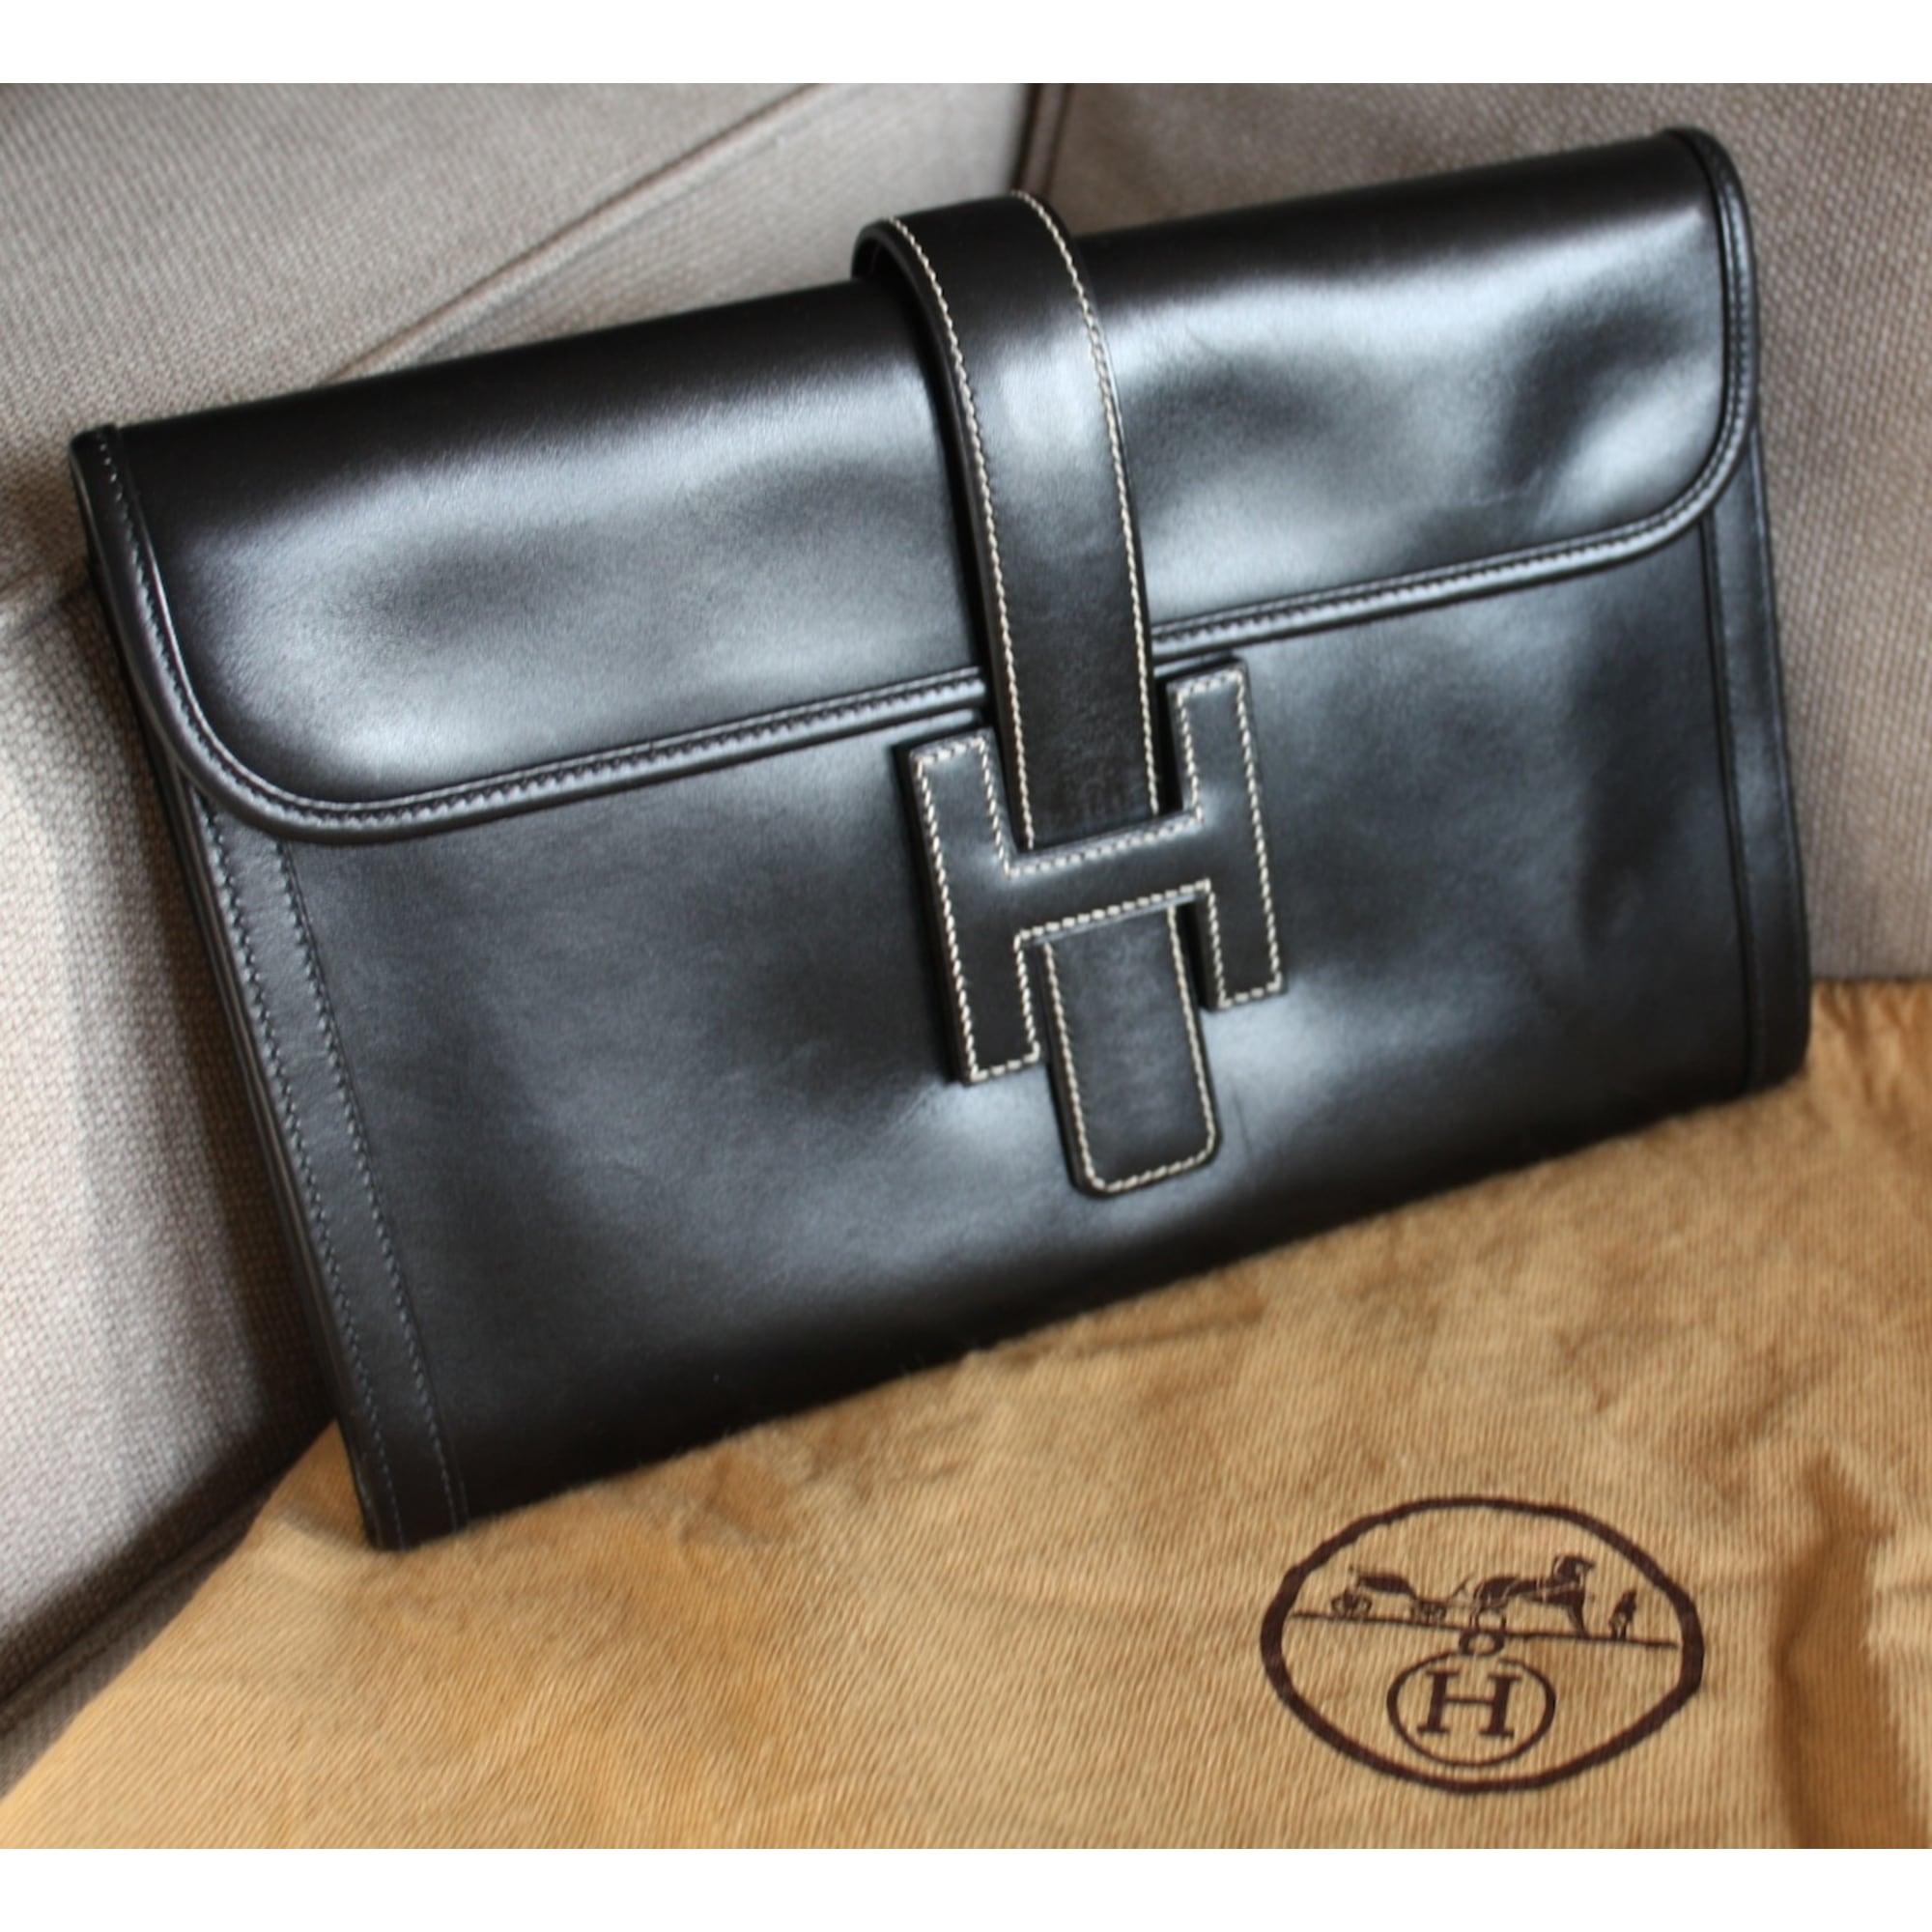 Sac à main en cuir HERMÈS noir vendu par H addict62563 - 1032373 af8aecd321d